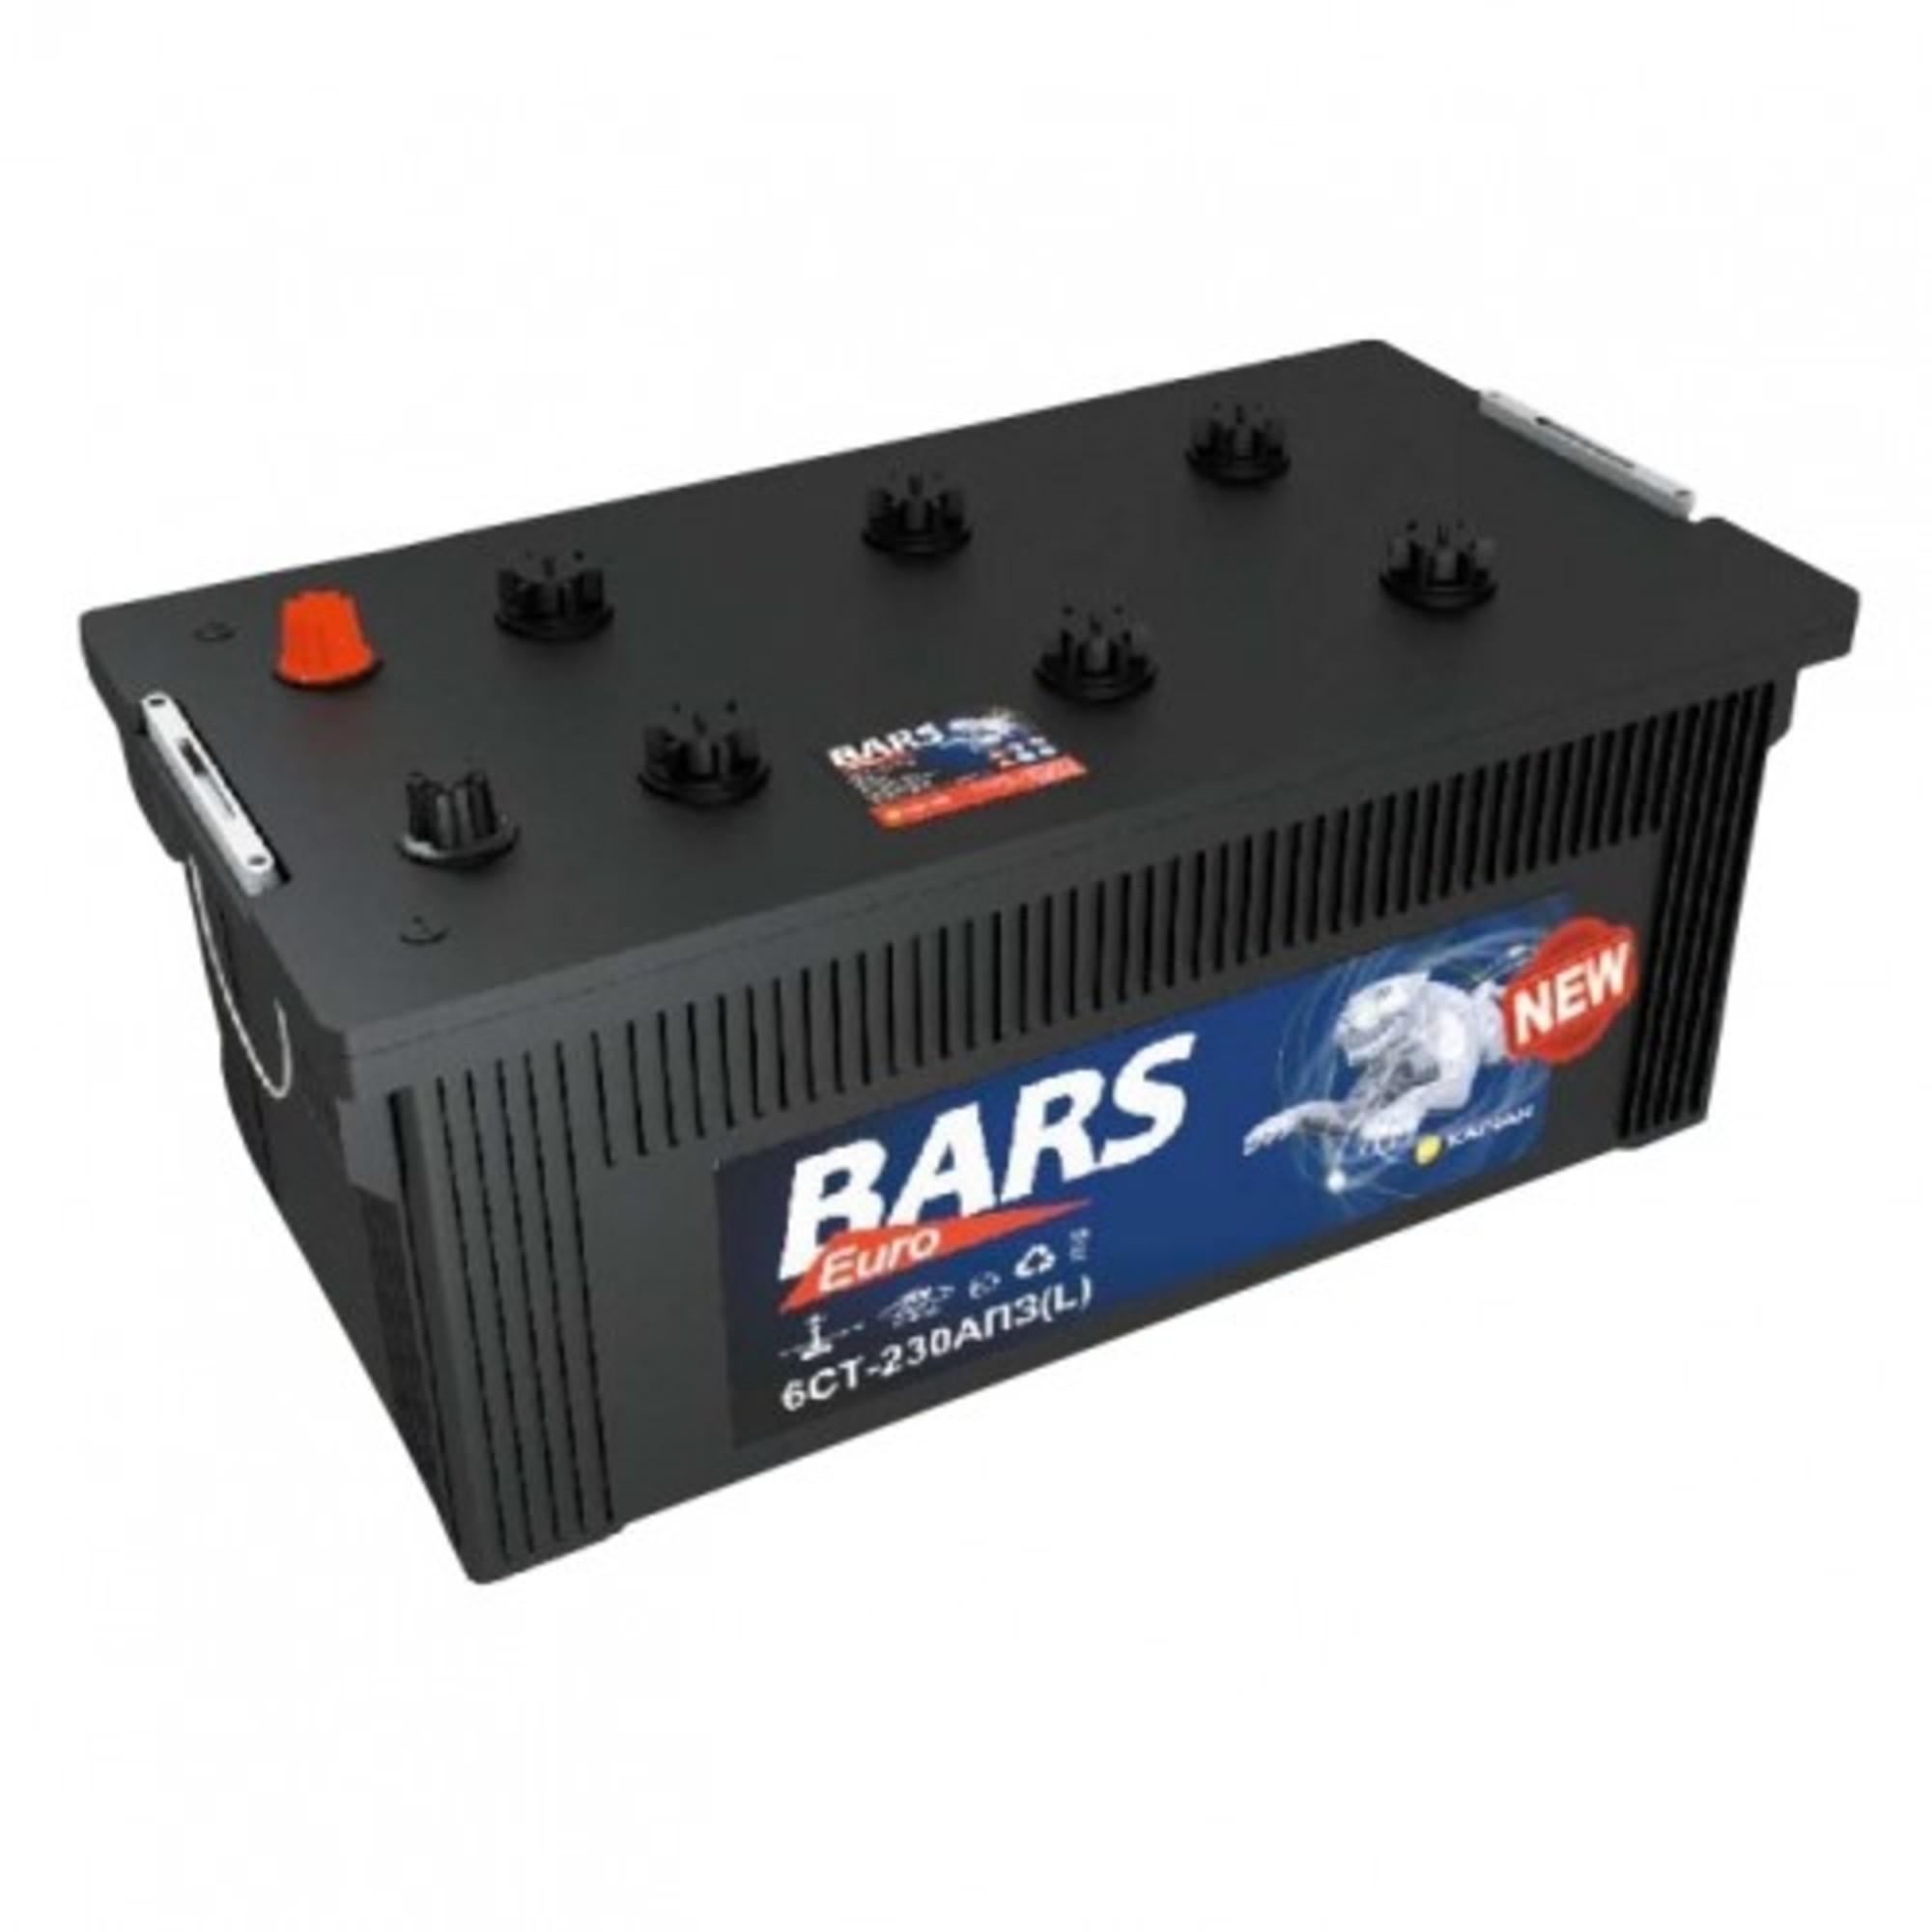 Аккумулятор 230 - 6 СТ BARS Evro о.п. (АПЗ)